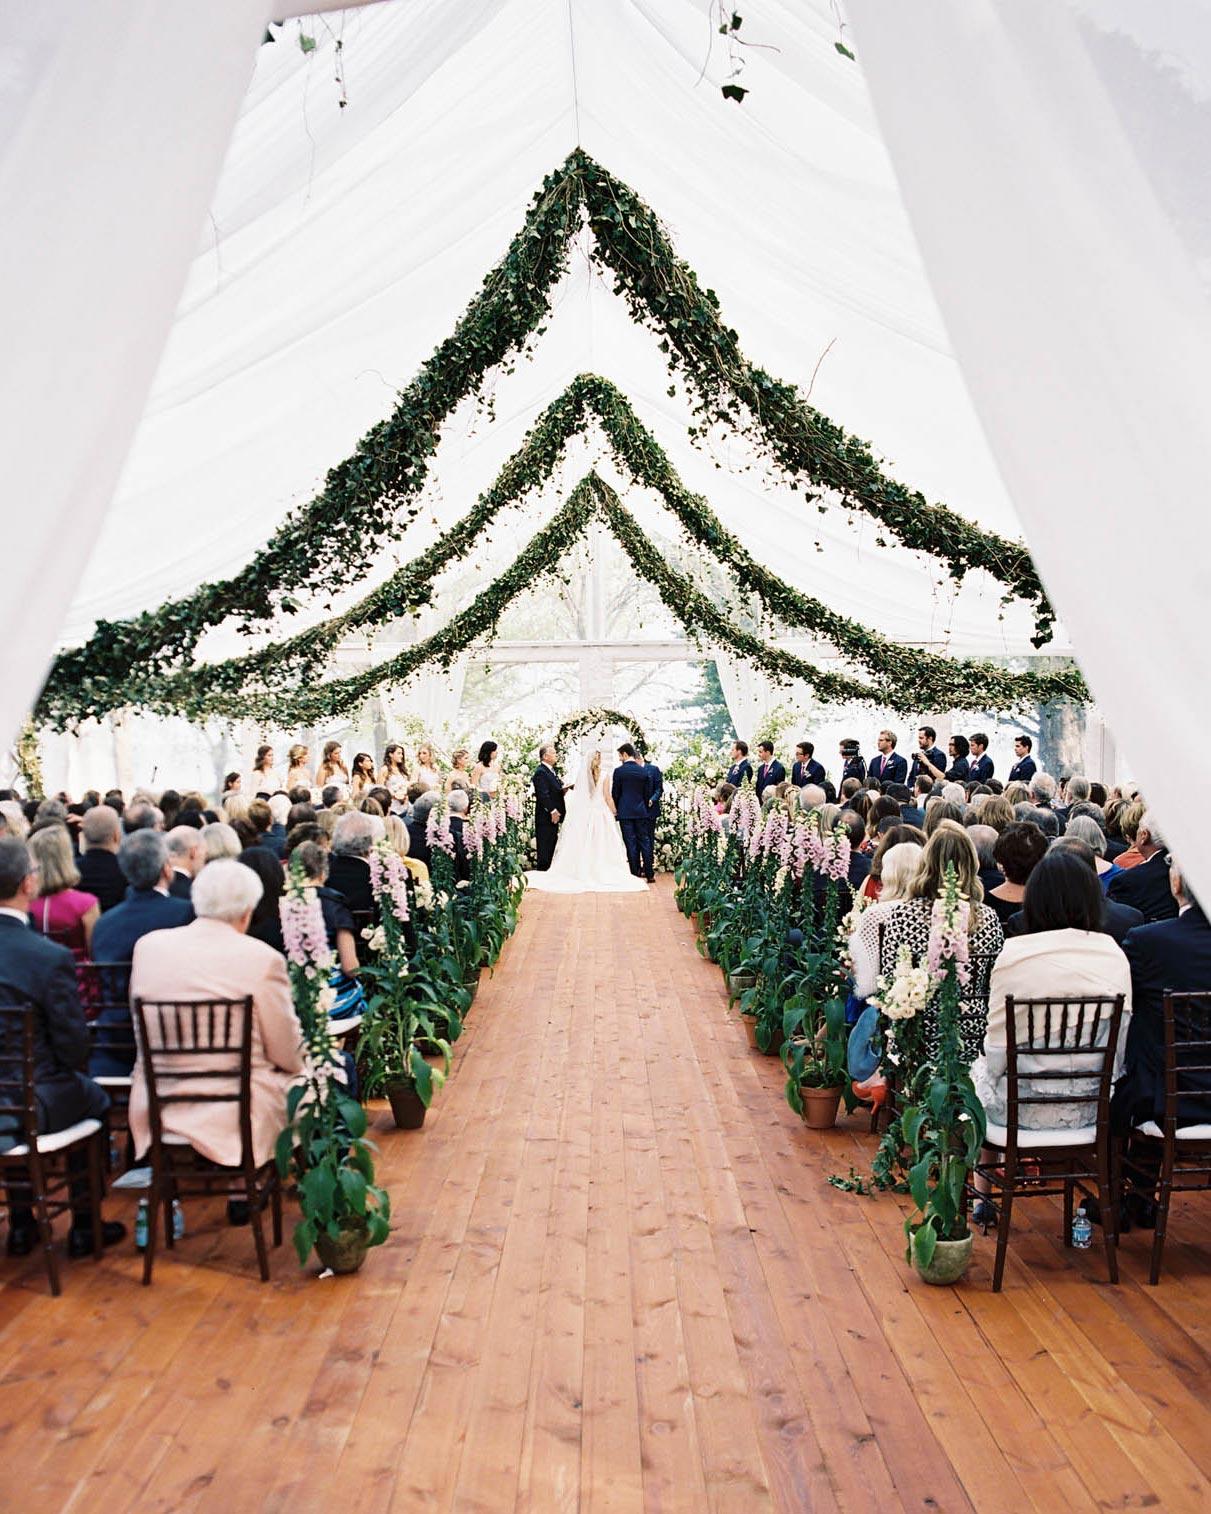 nikki-kiff-wedding-ceremony-00476000-s112766-0316.jpg